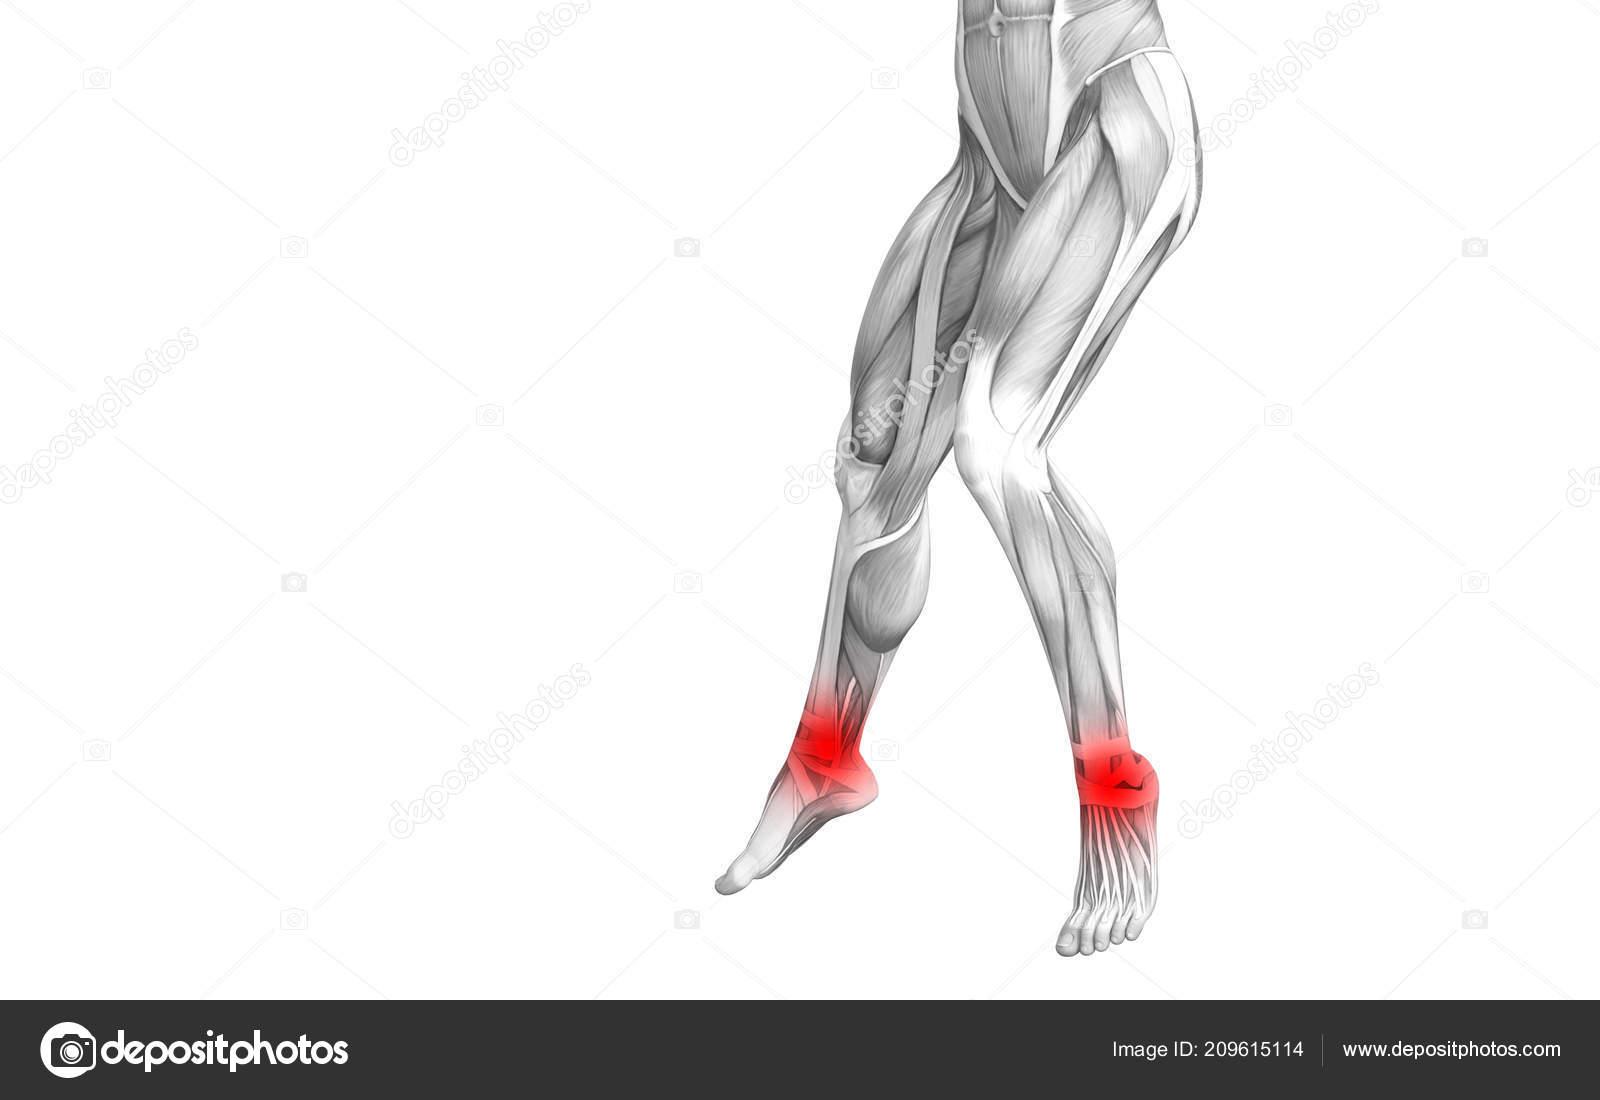 Болезни сустава ног скачать резаная рана локтевого сустава первичная обработка раны наложи повязку